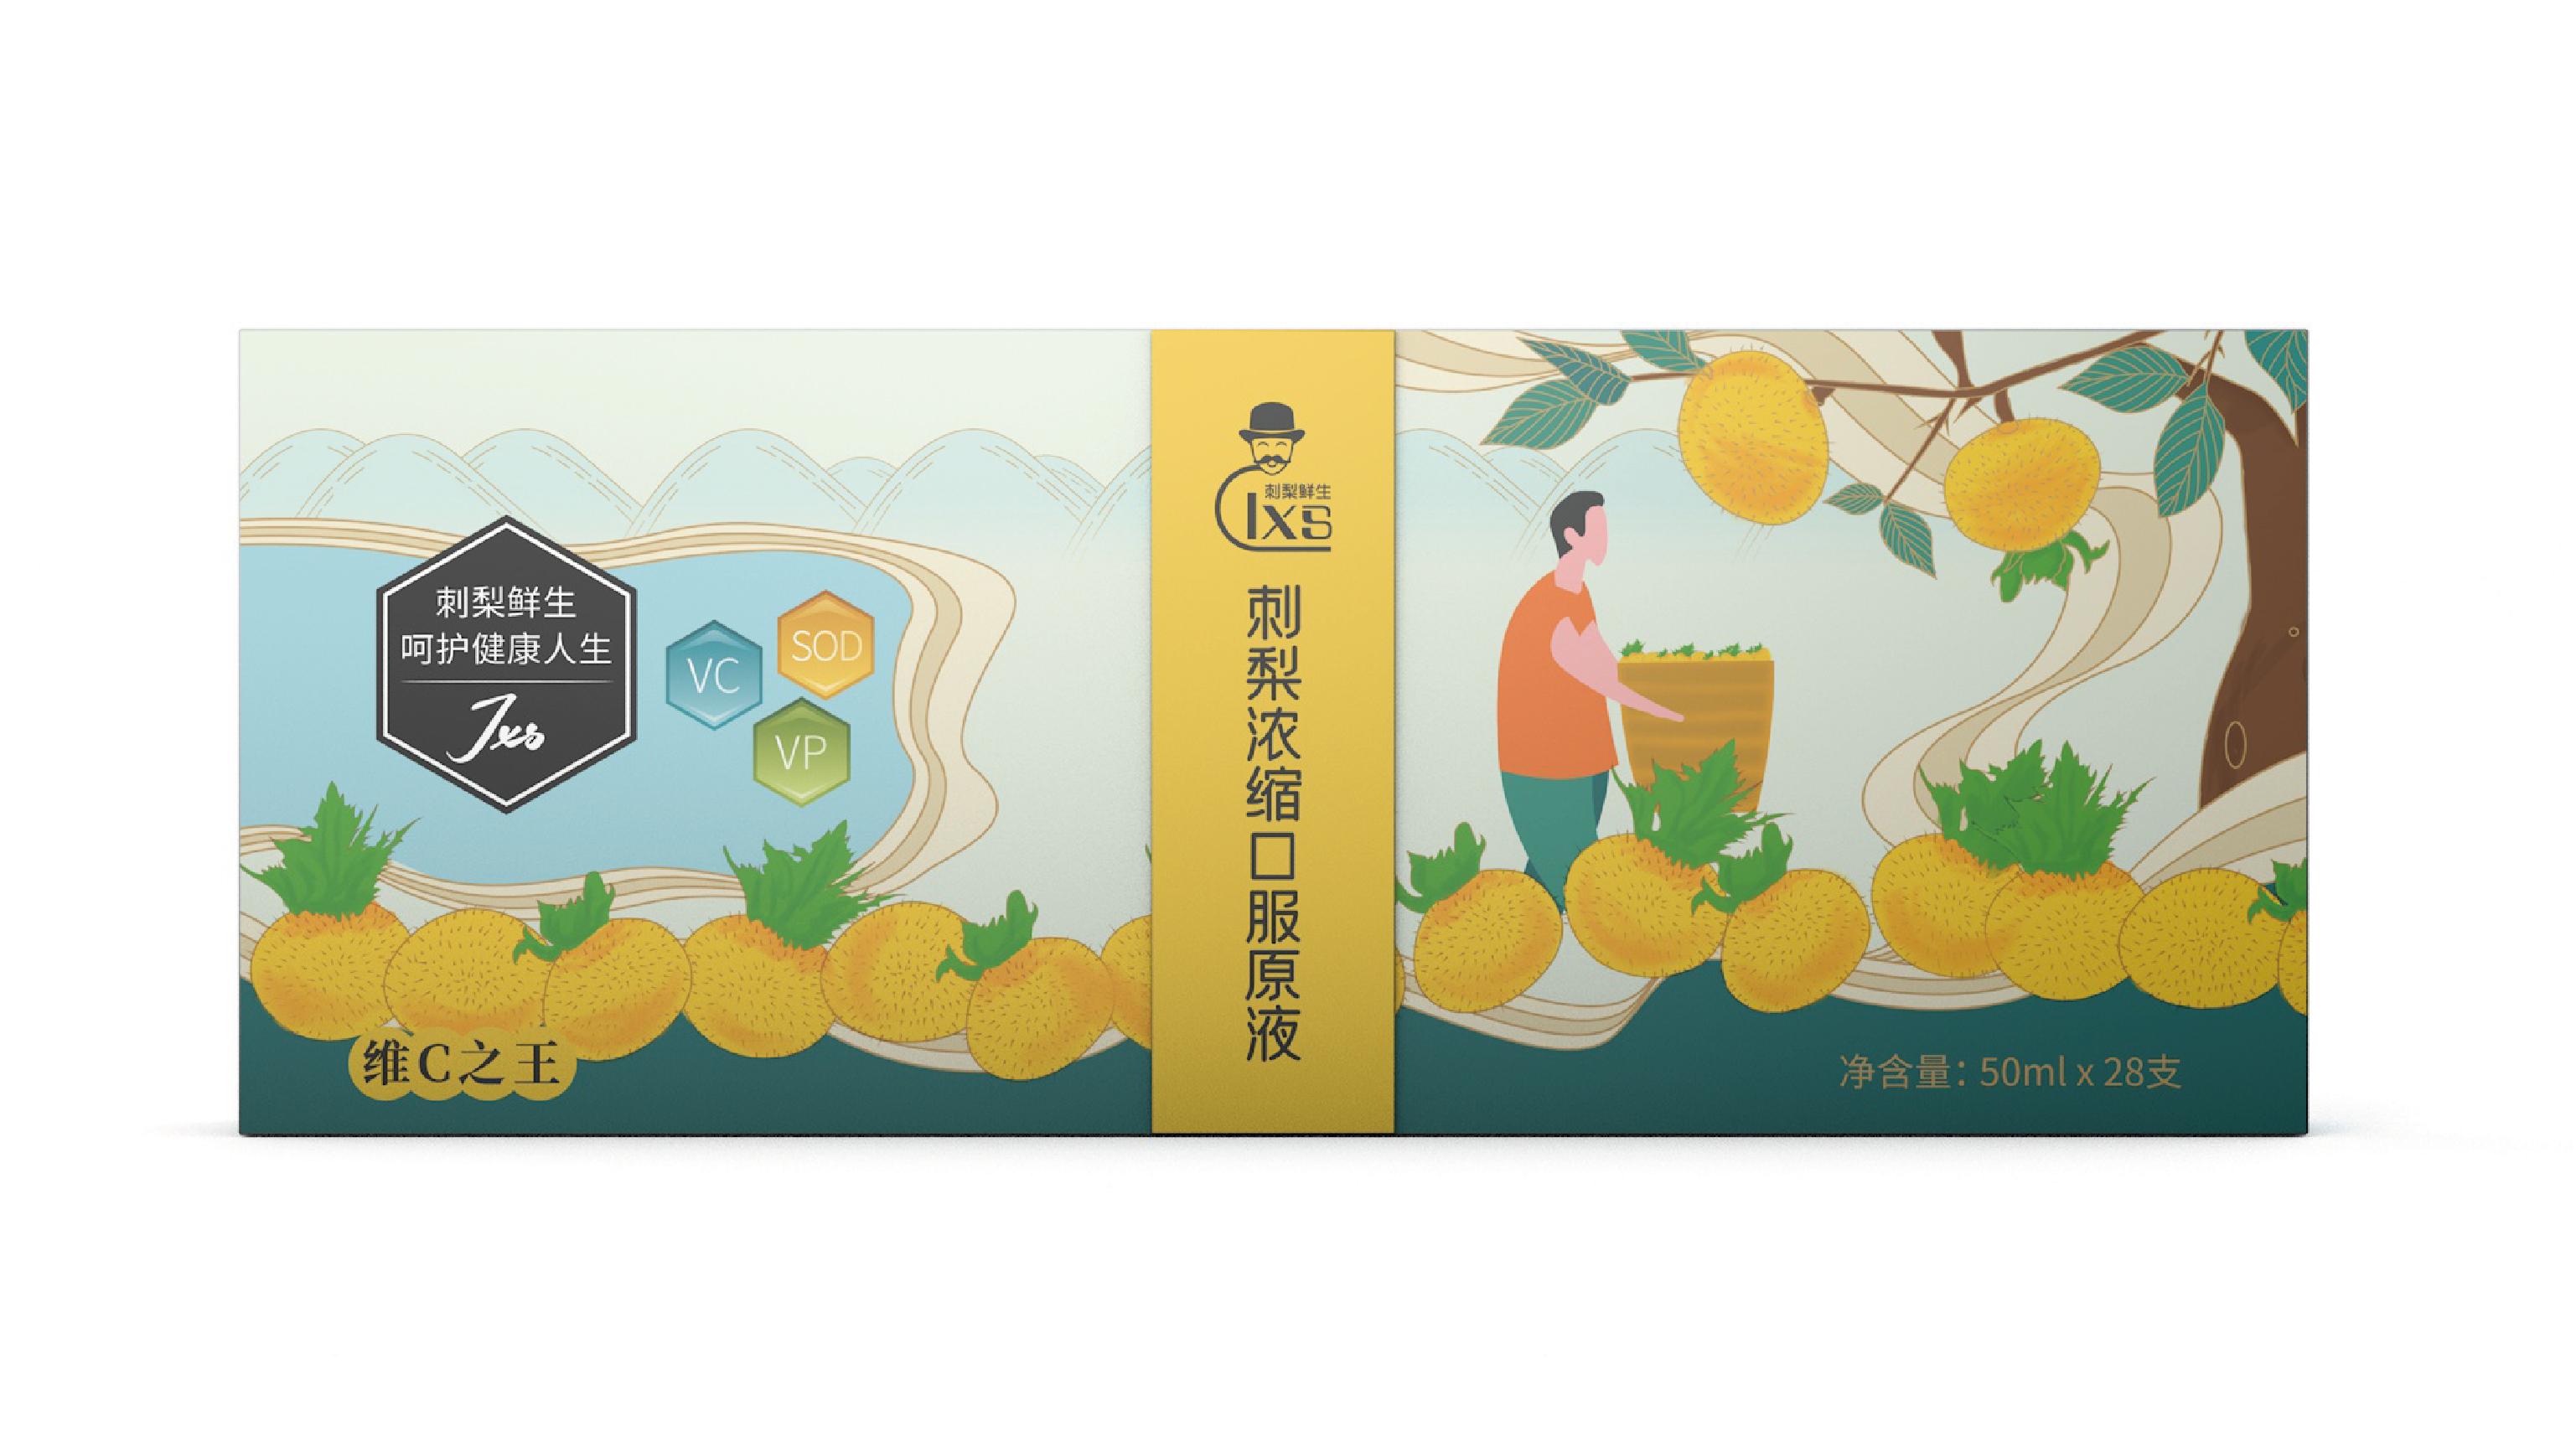 刺梨鮮生口服液包裝設計